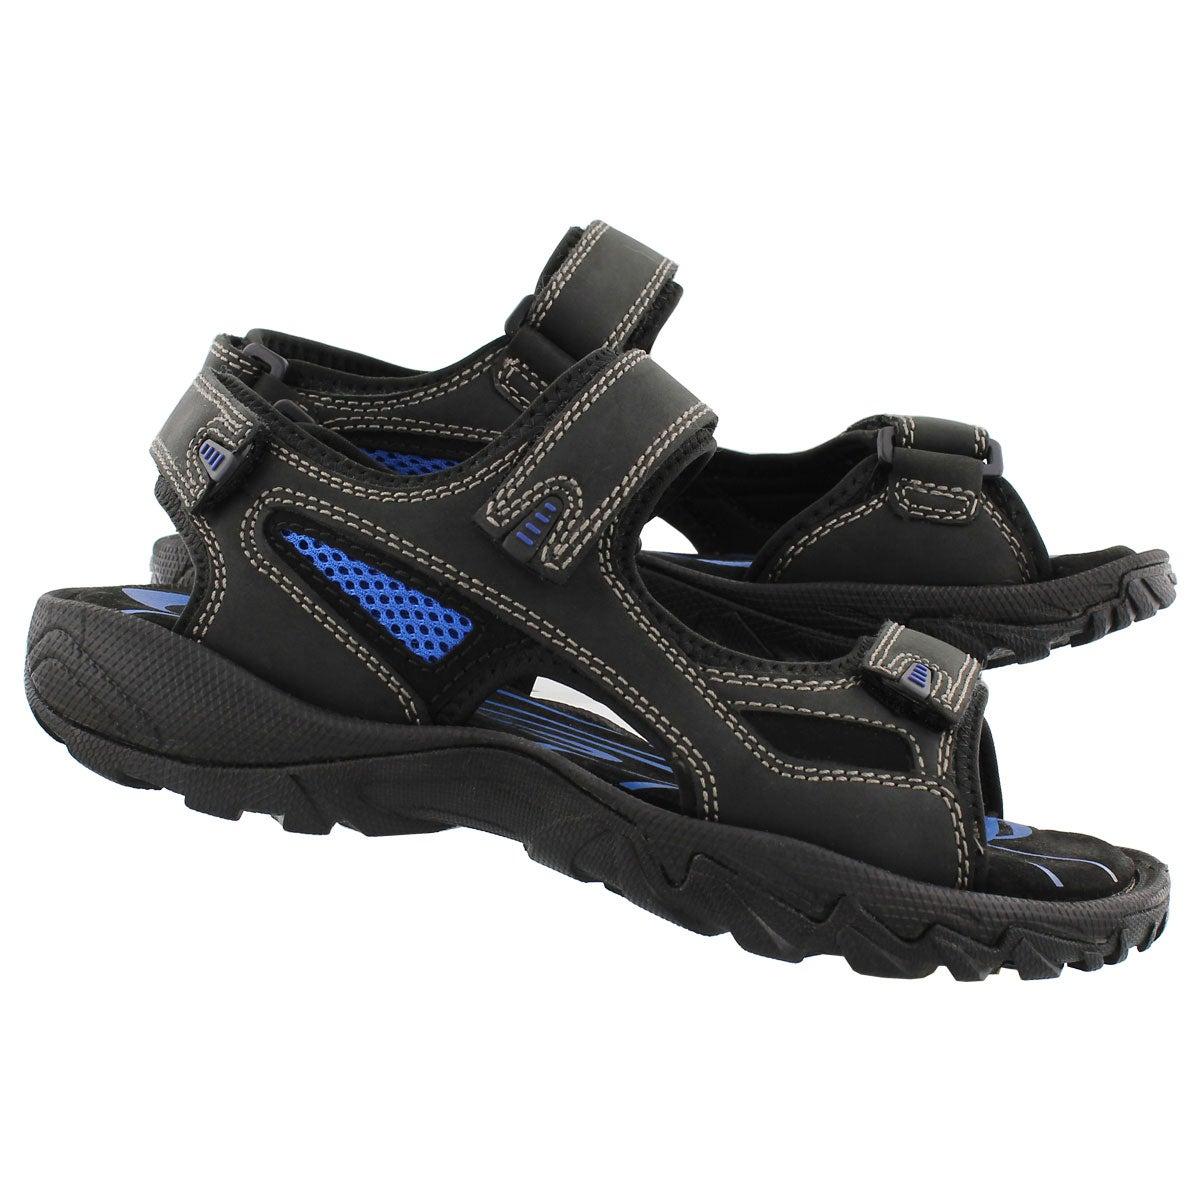 Mns Lucius black 3 strap sandal